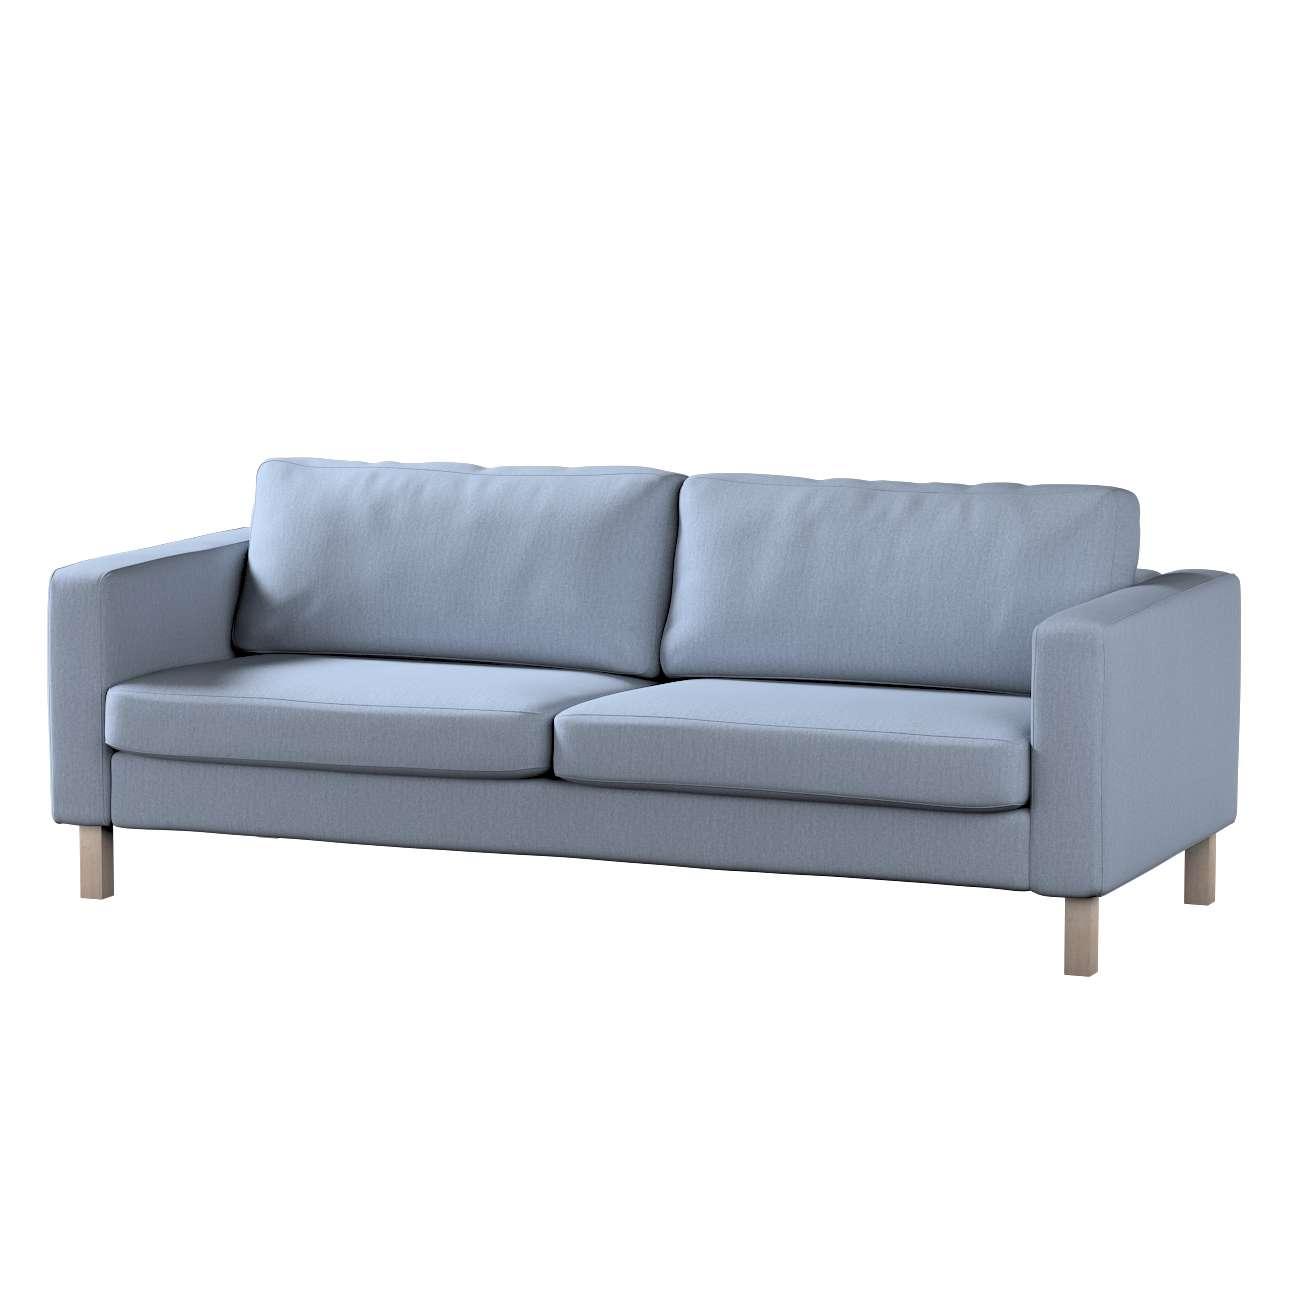 Karlstad sofos-lovos užvalkalas Karlstad trivietės sofos-lovos užvalkalas (išlankstomai sofai) kolekcijoje Chenille, audinys: 702-13